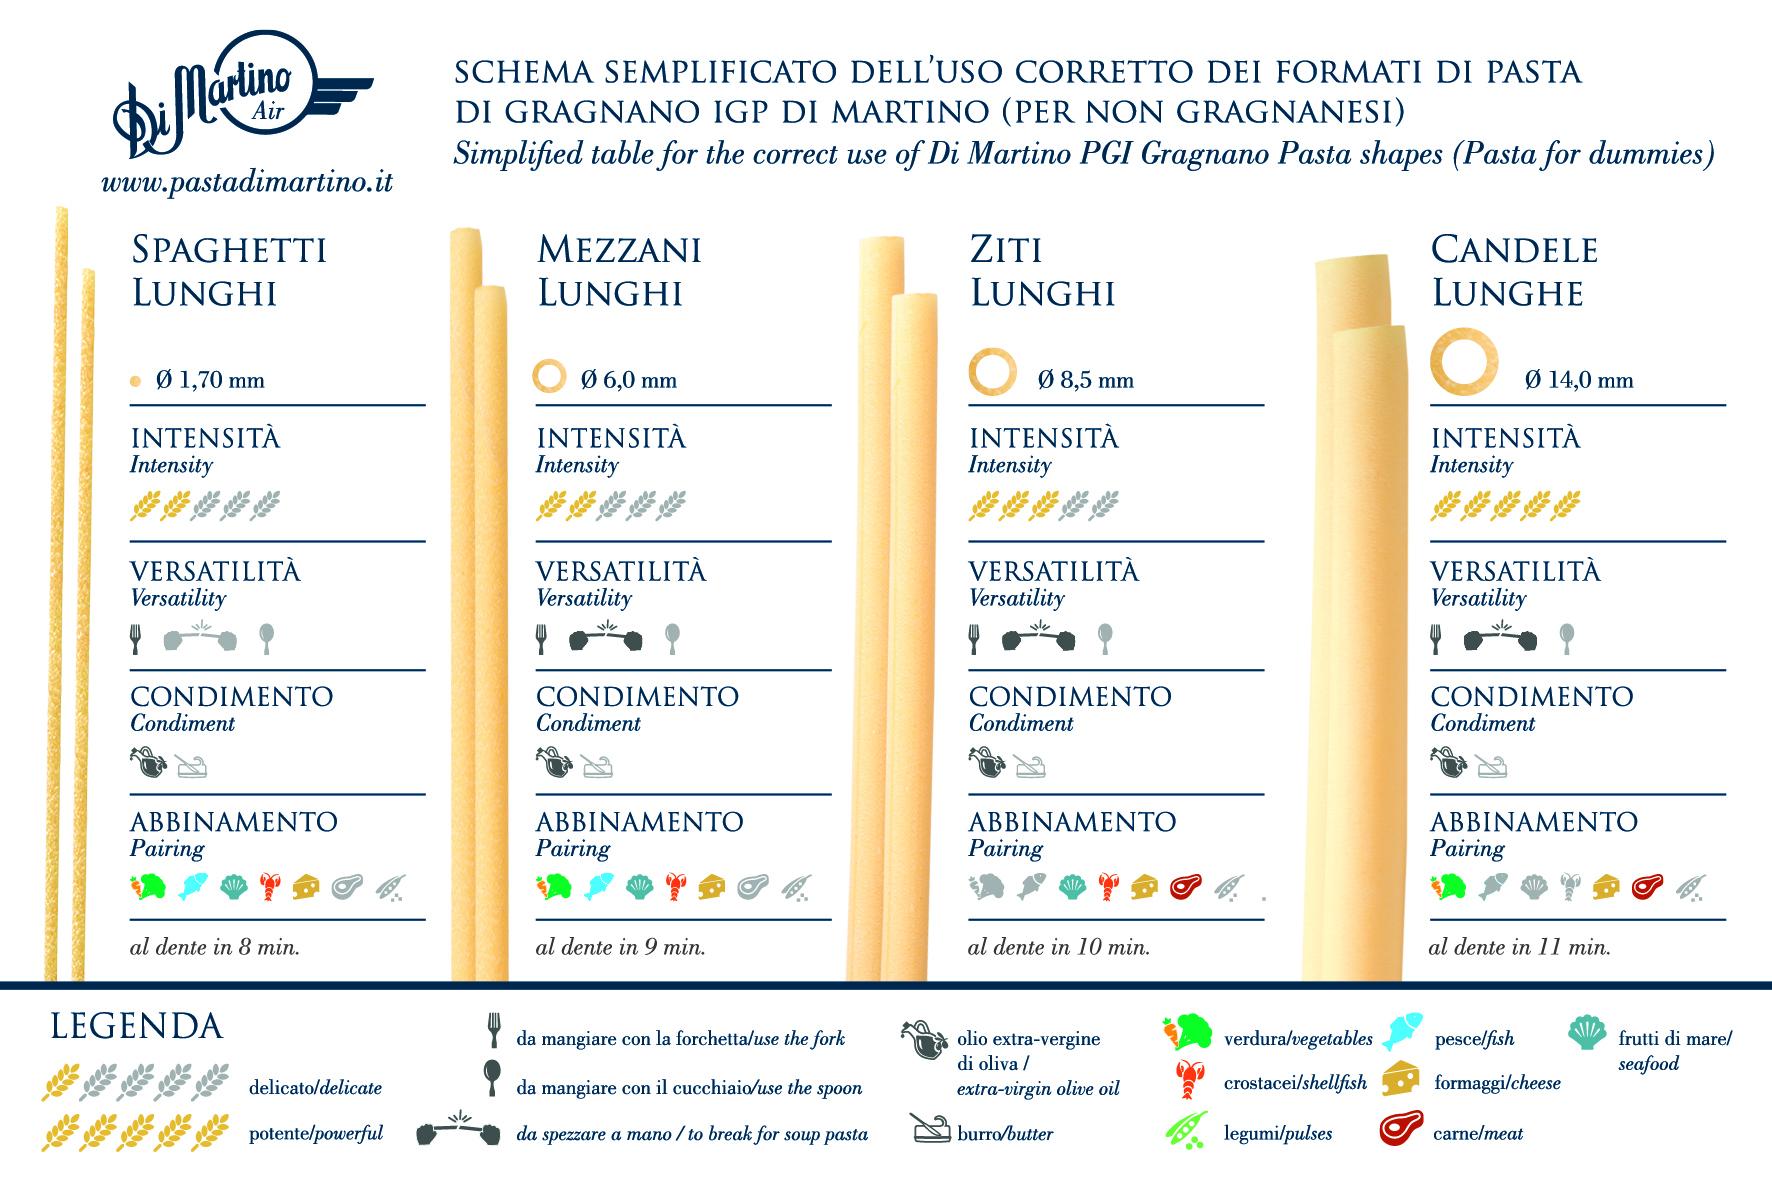 vedovelli guida all italiano per stranieri